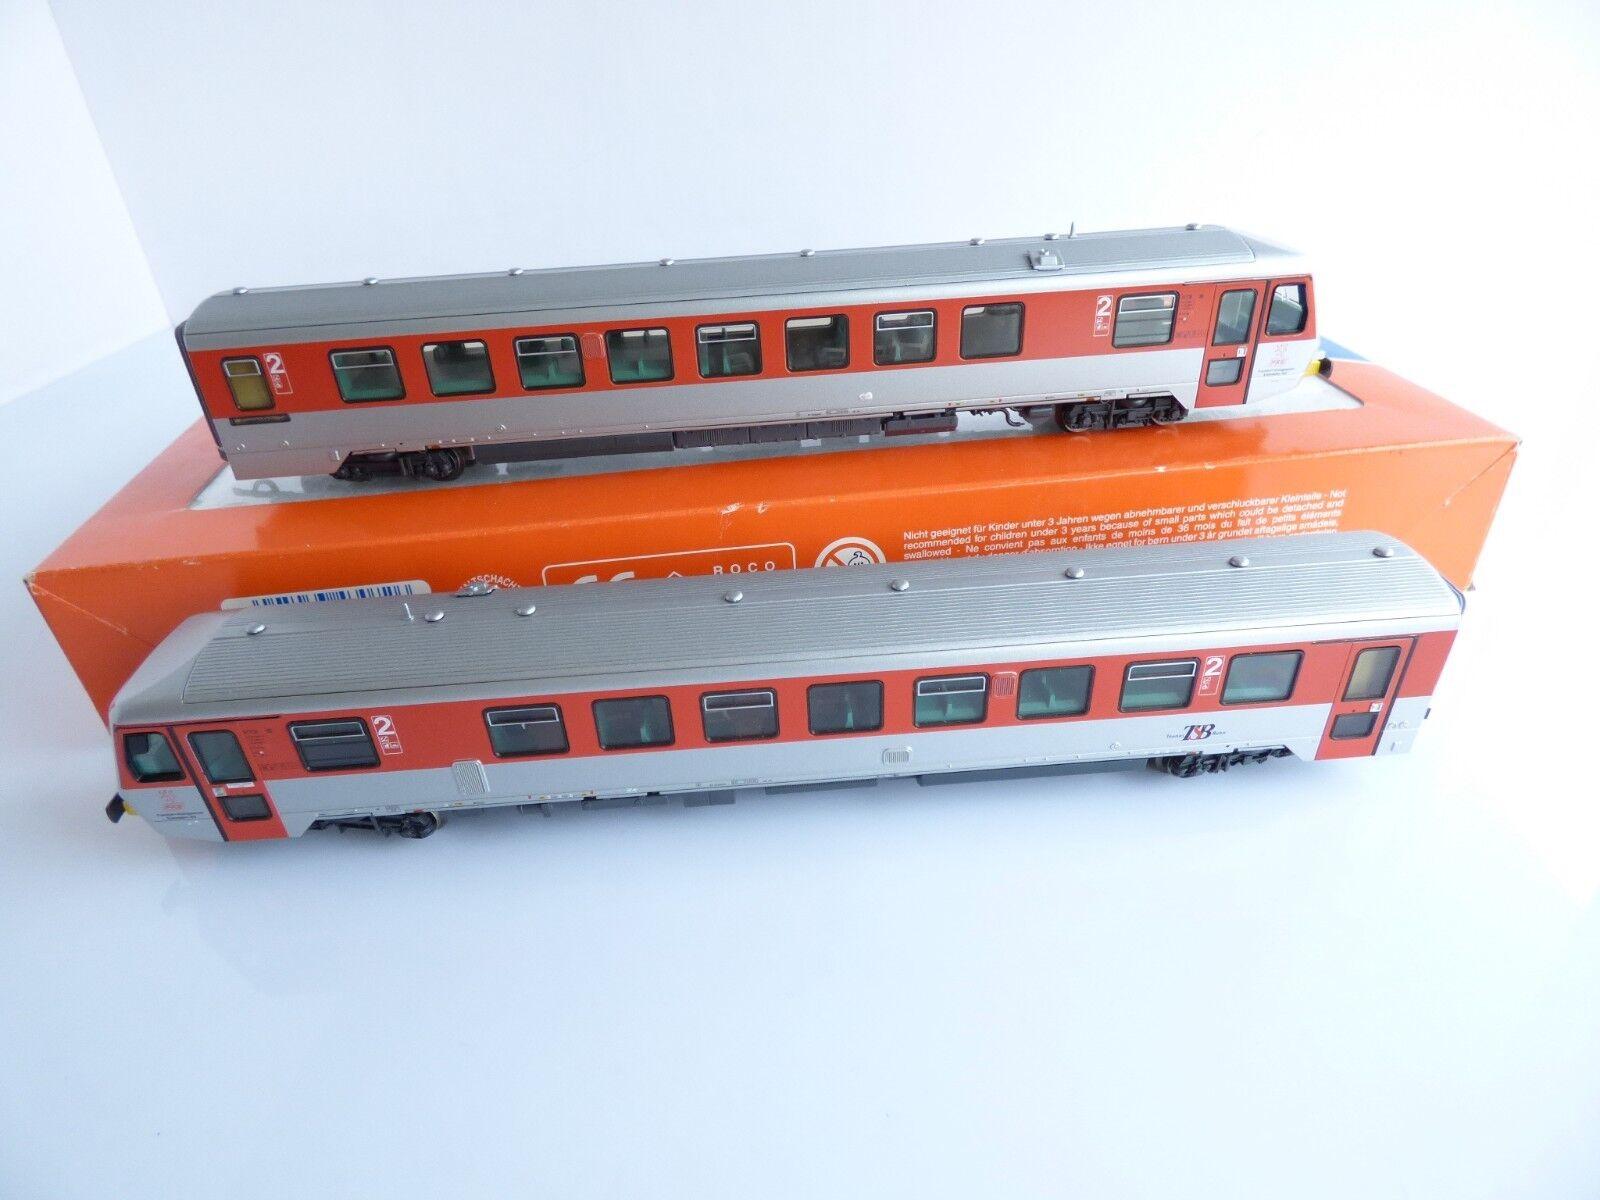 Roco 43072 railcar vt 71 an and its trailer vt 71 b